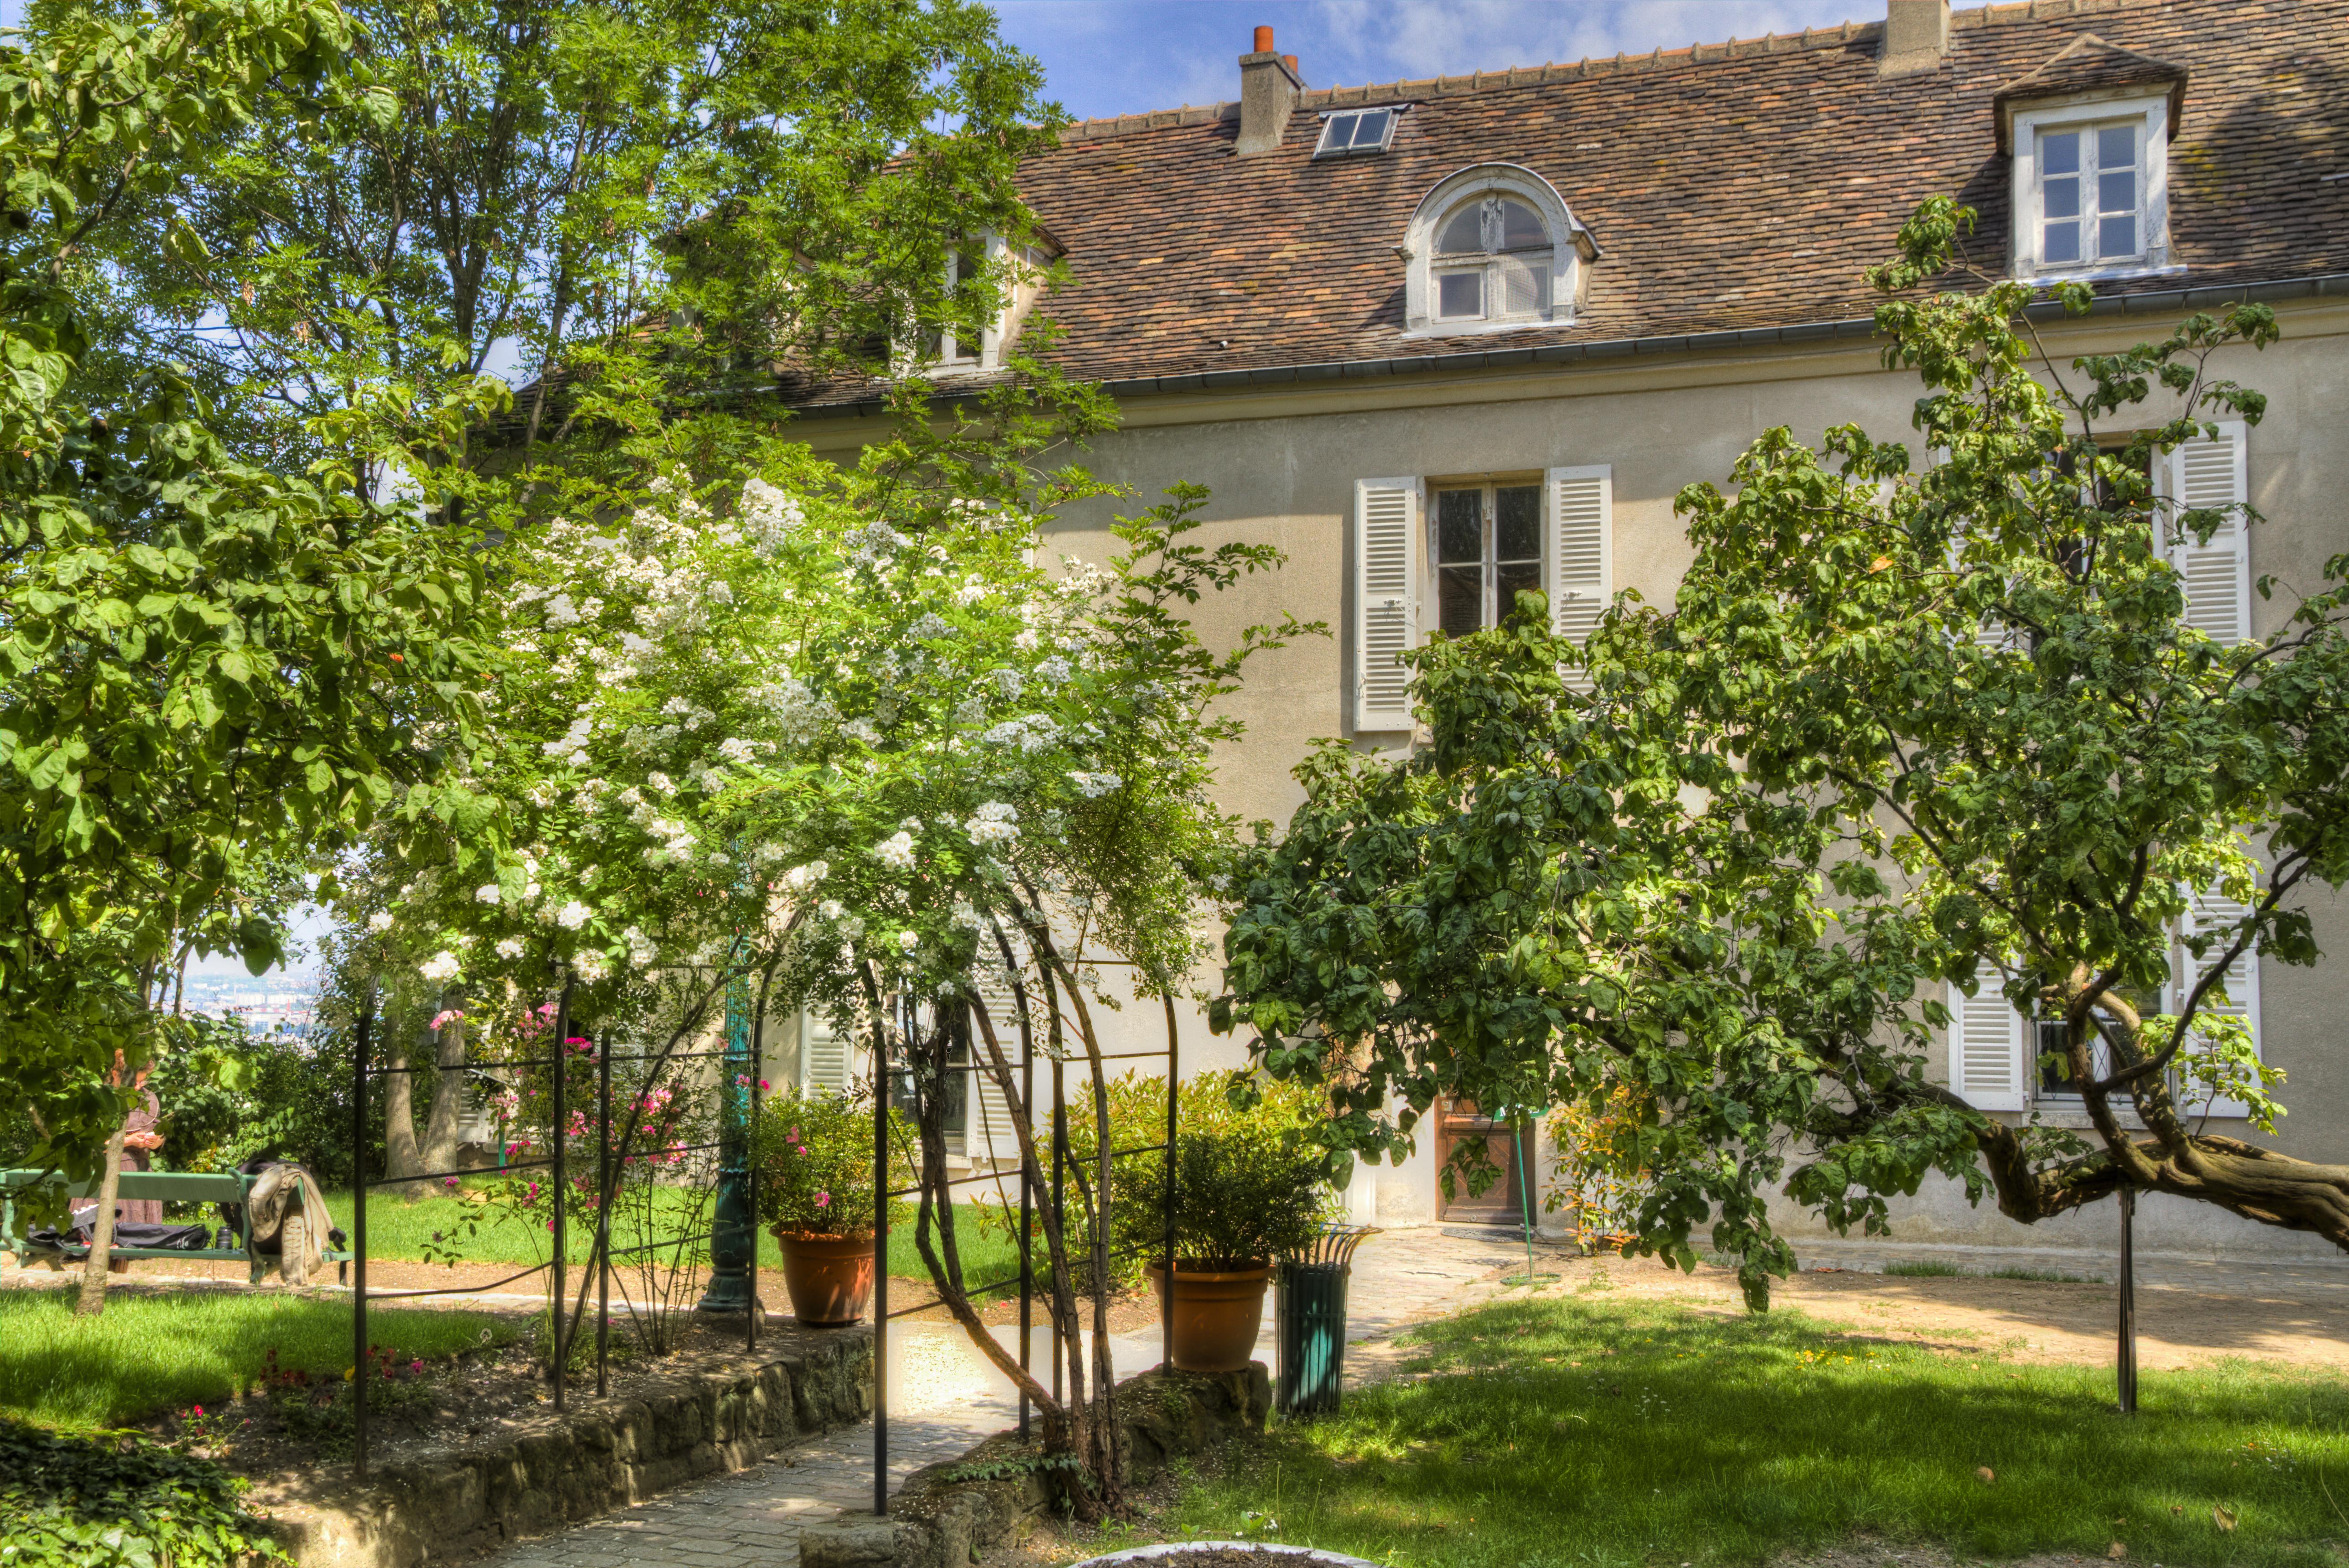 Mus%C3%A9e_de_Montmartre_-_maison_du_Bel_Air Impressionnant De Bulleur Pour Aquarium Des Idées